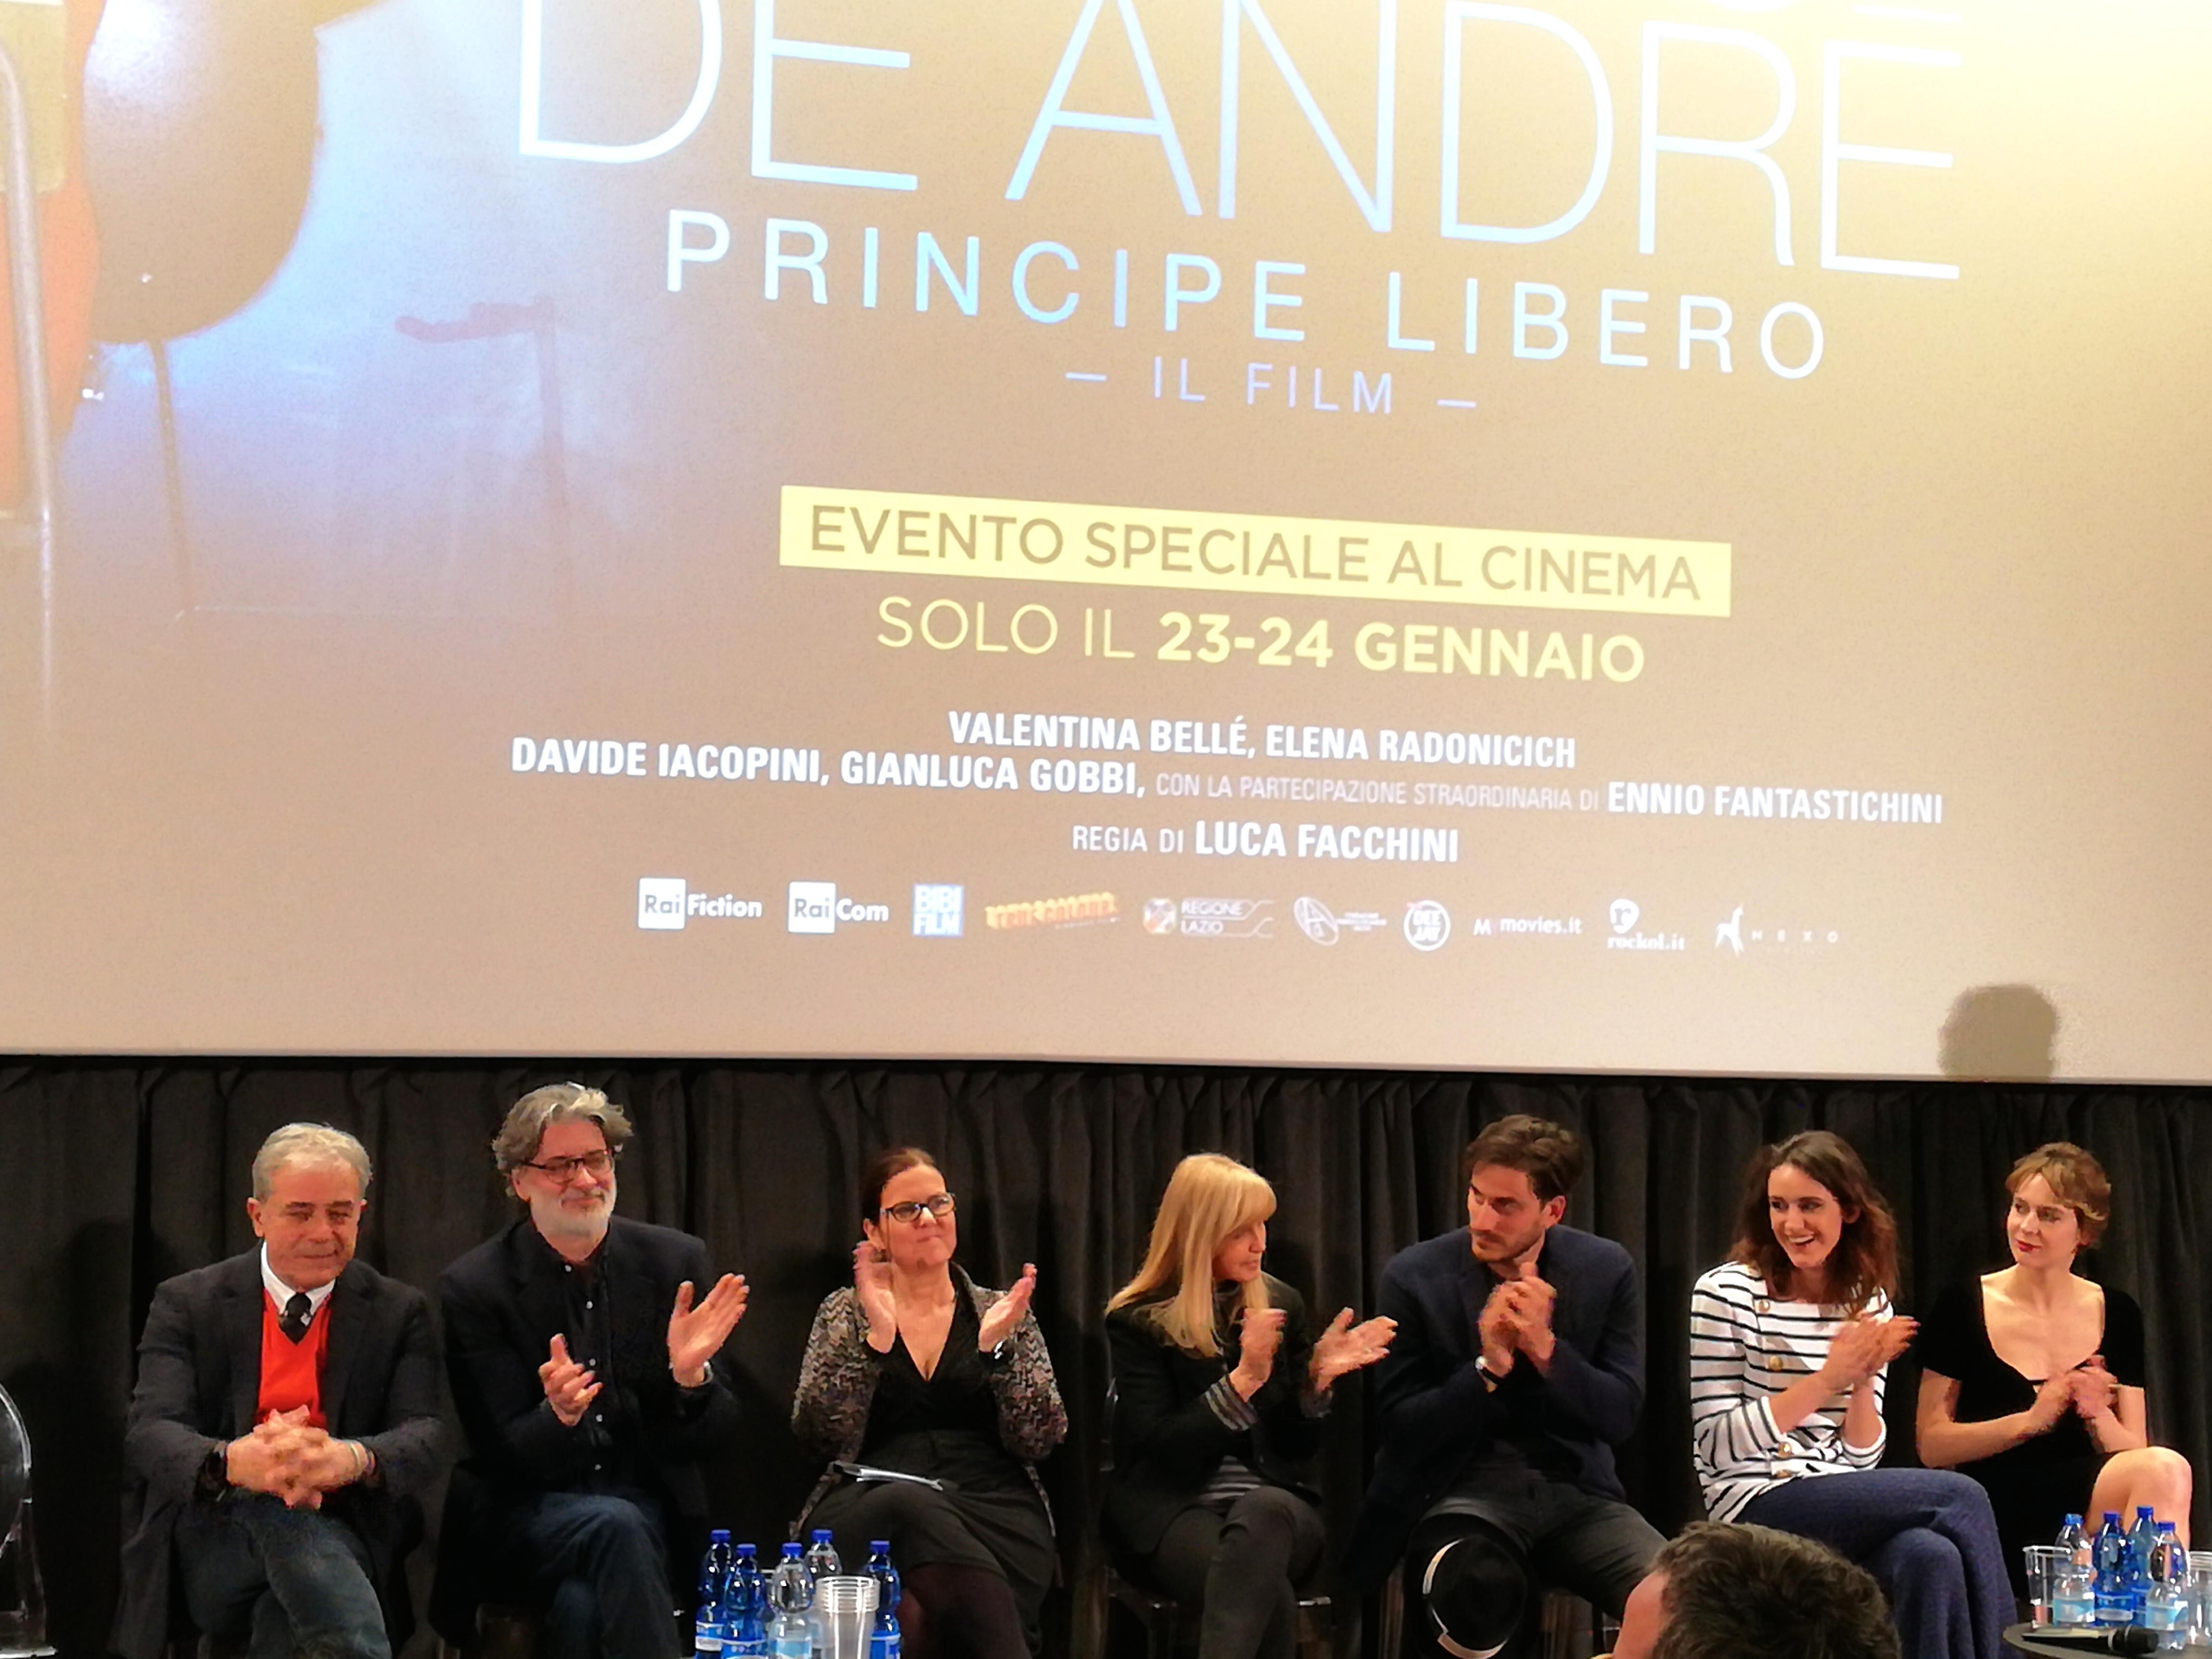 Fabrizio De Andrè, spirito libero